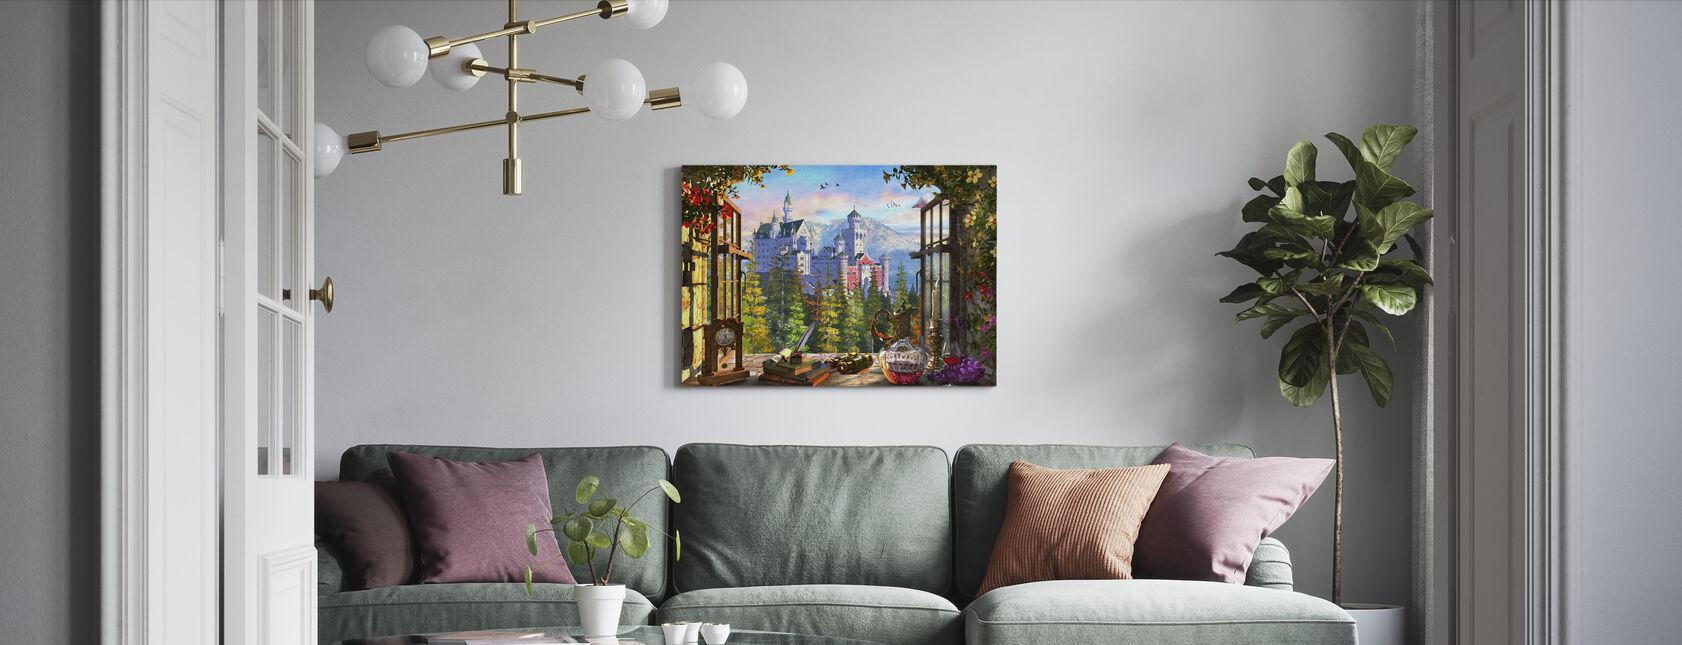 Mountain slott genom fönster - Canvastavla - Vardagsrum